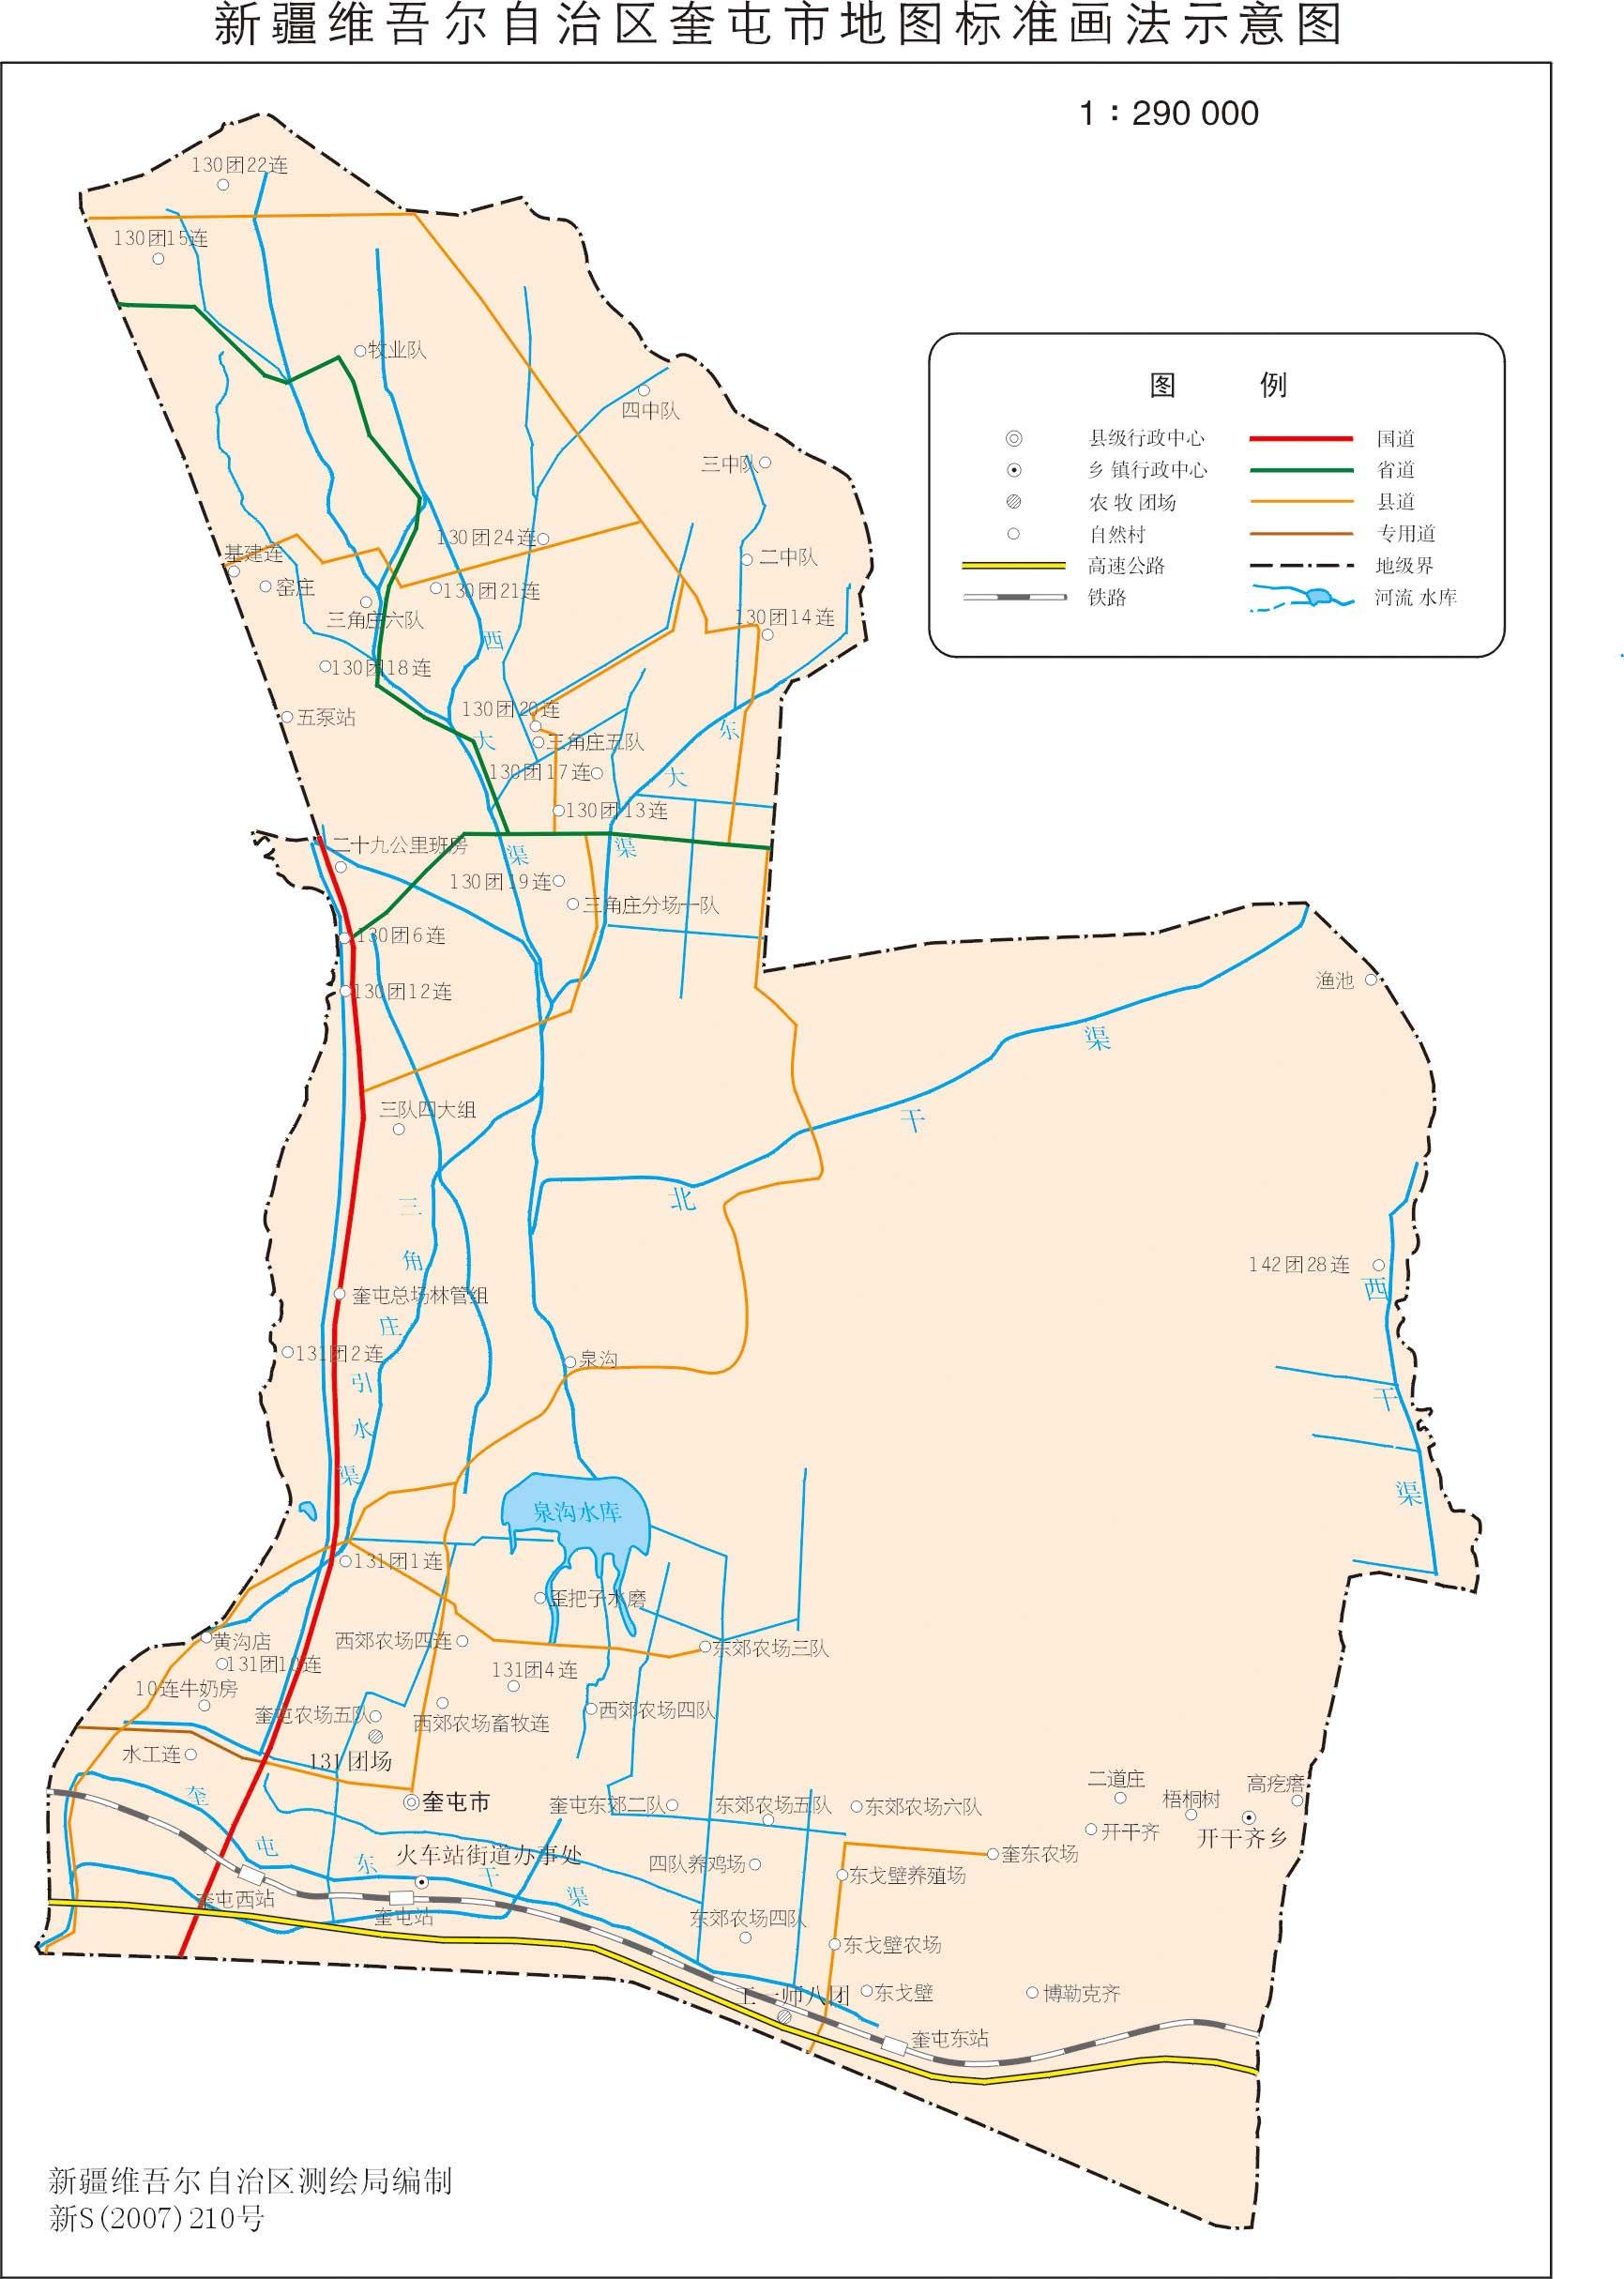 乌鲁木齐电子城_新疆奎屯市地图_新疆旅游地图_新疆旅行网